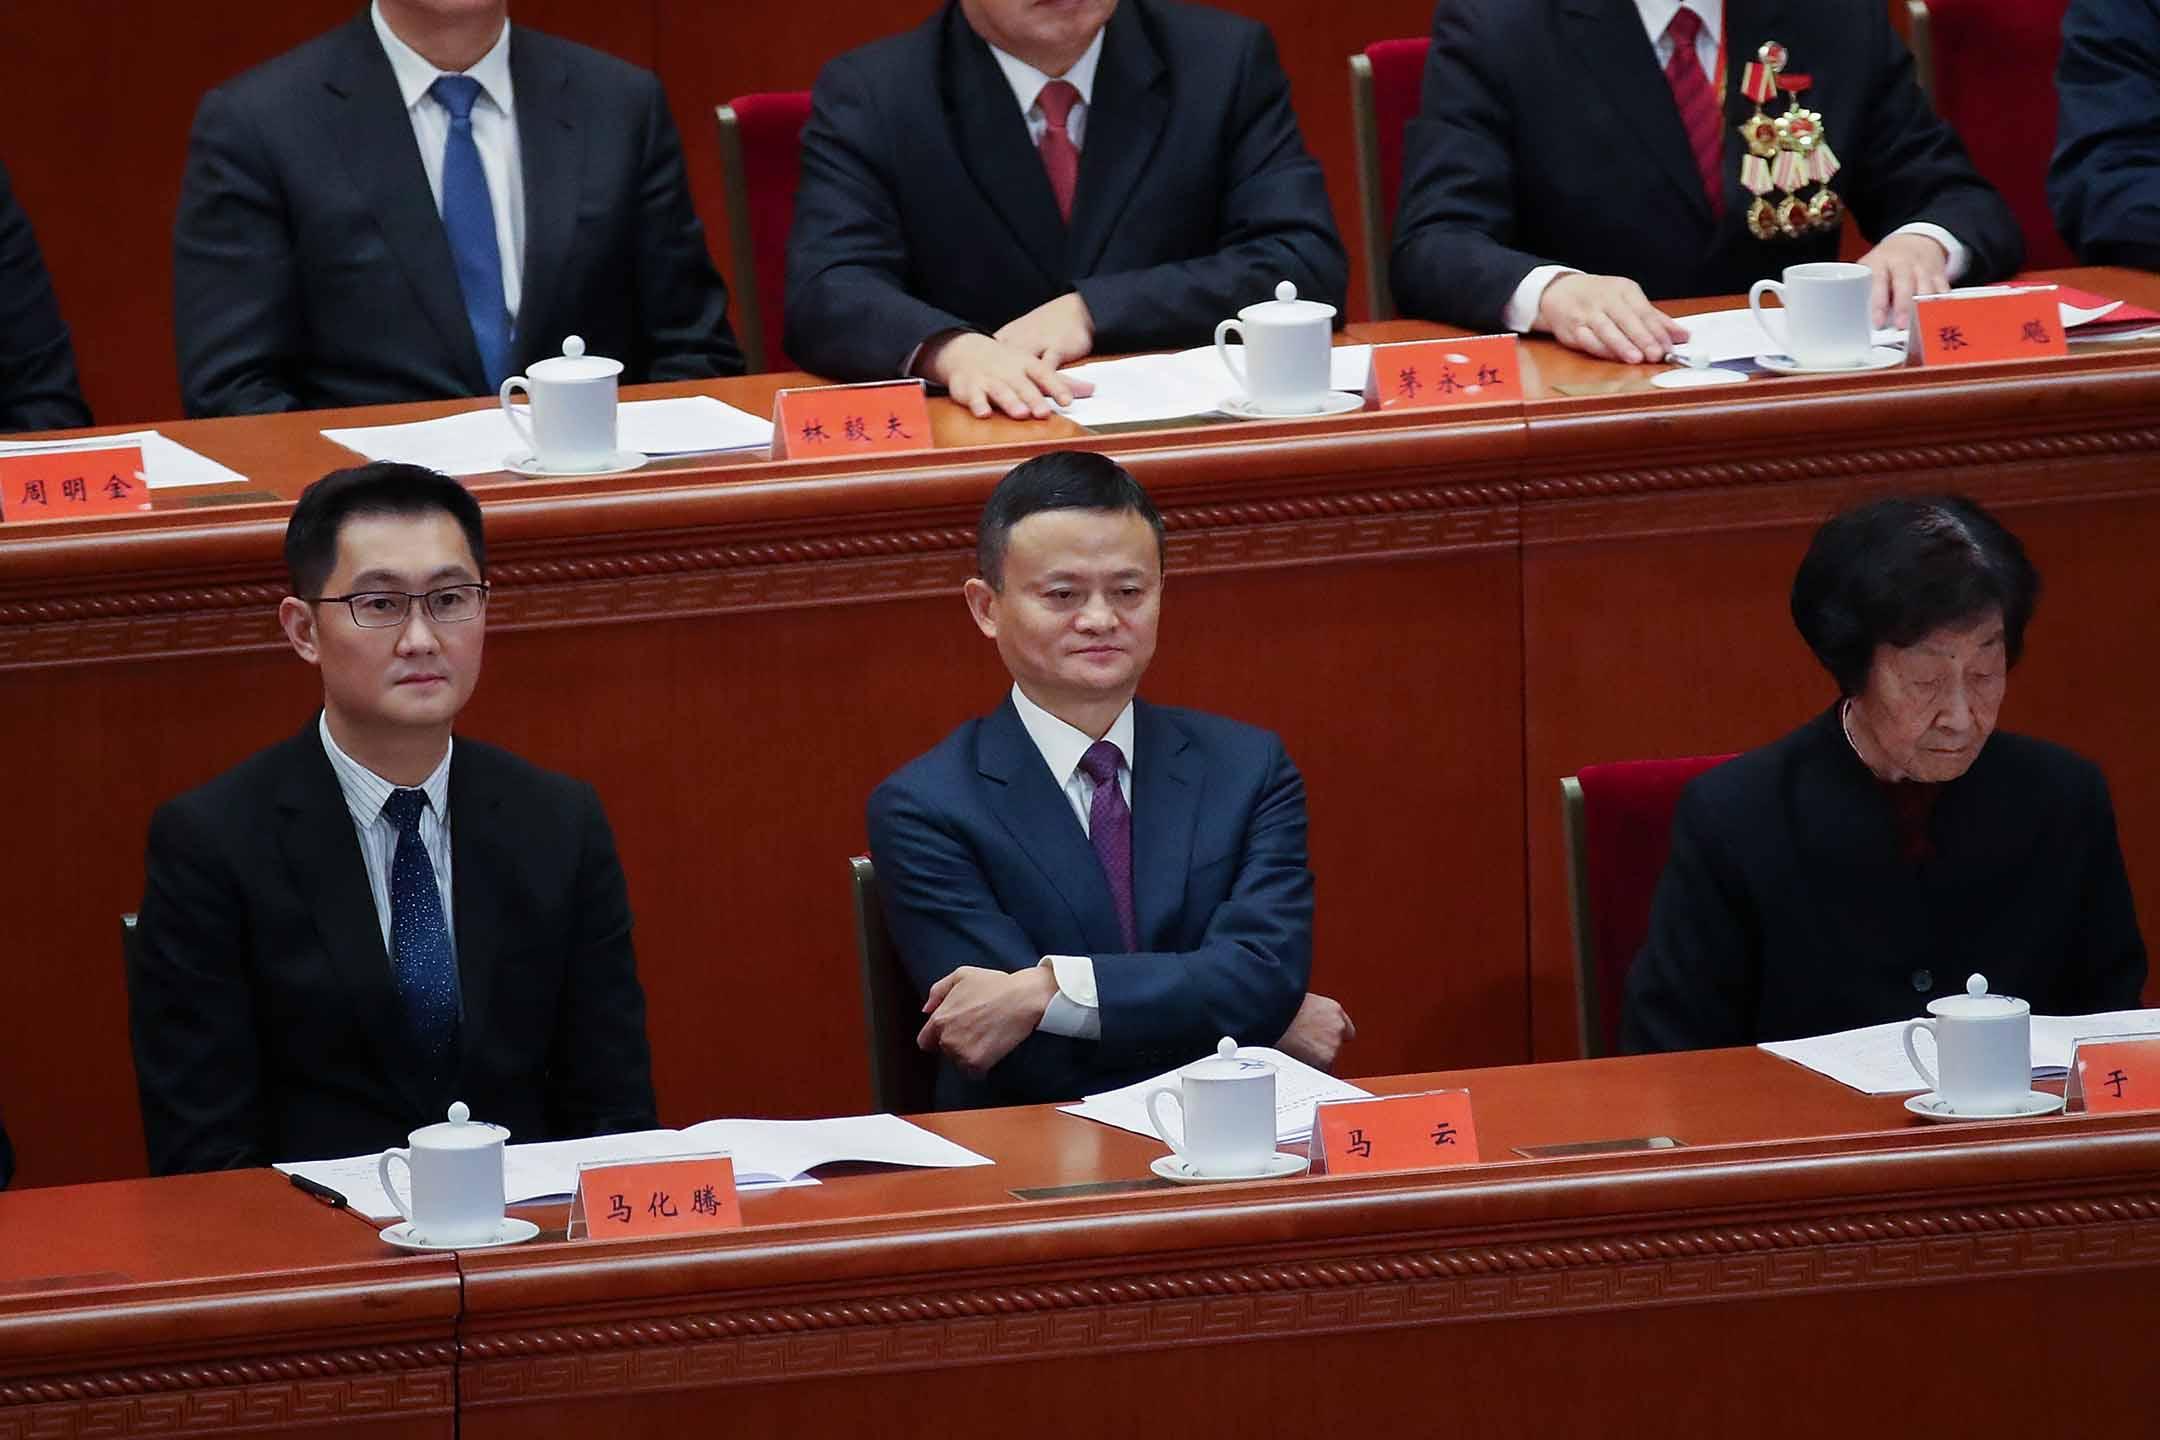 2018年12月18日中國北京,阿里巴巴的創始人馬雲於人民大會堂慶祝改革開放 40 週年。